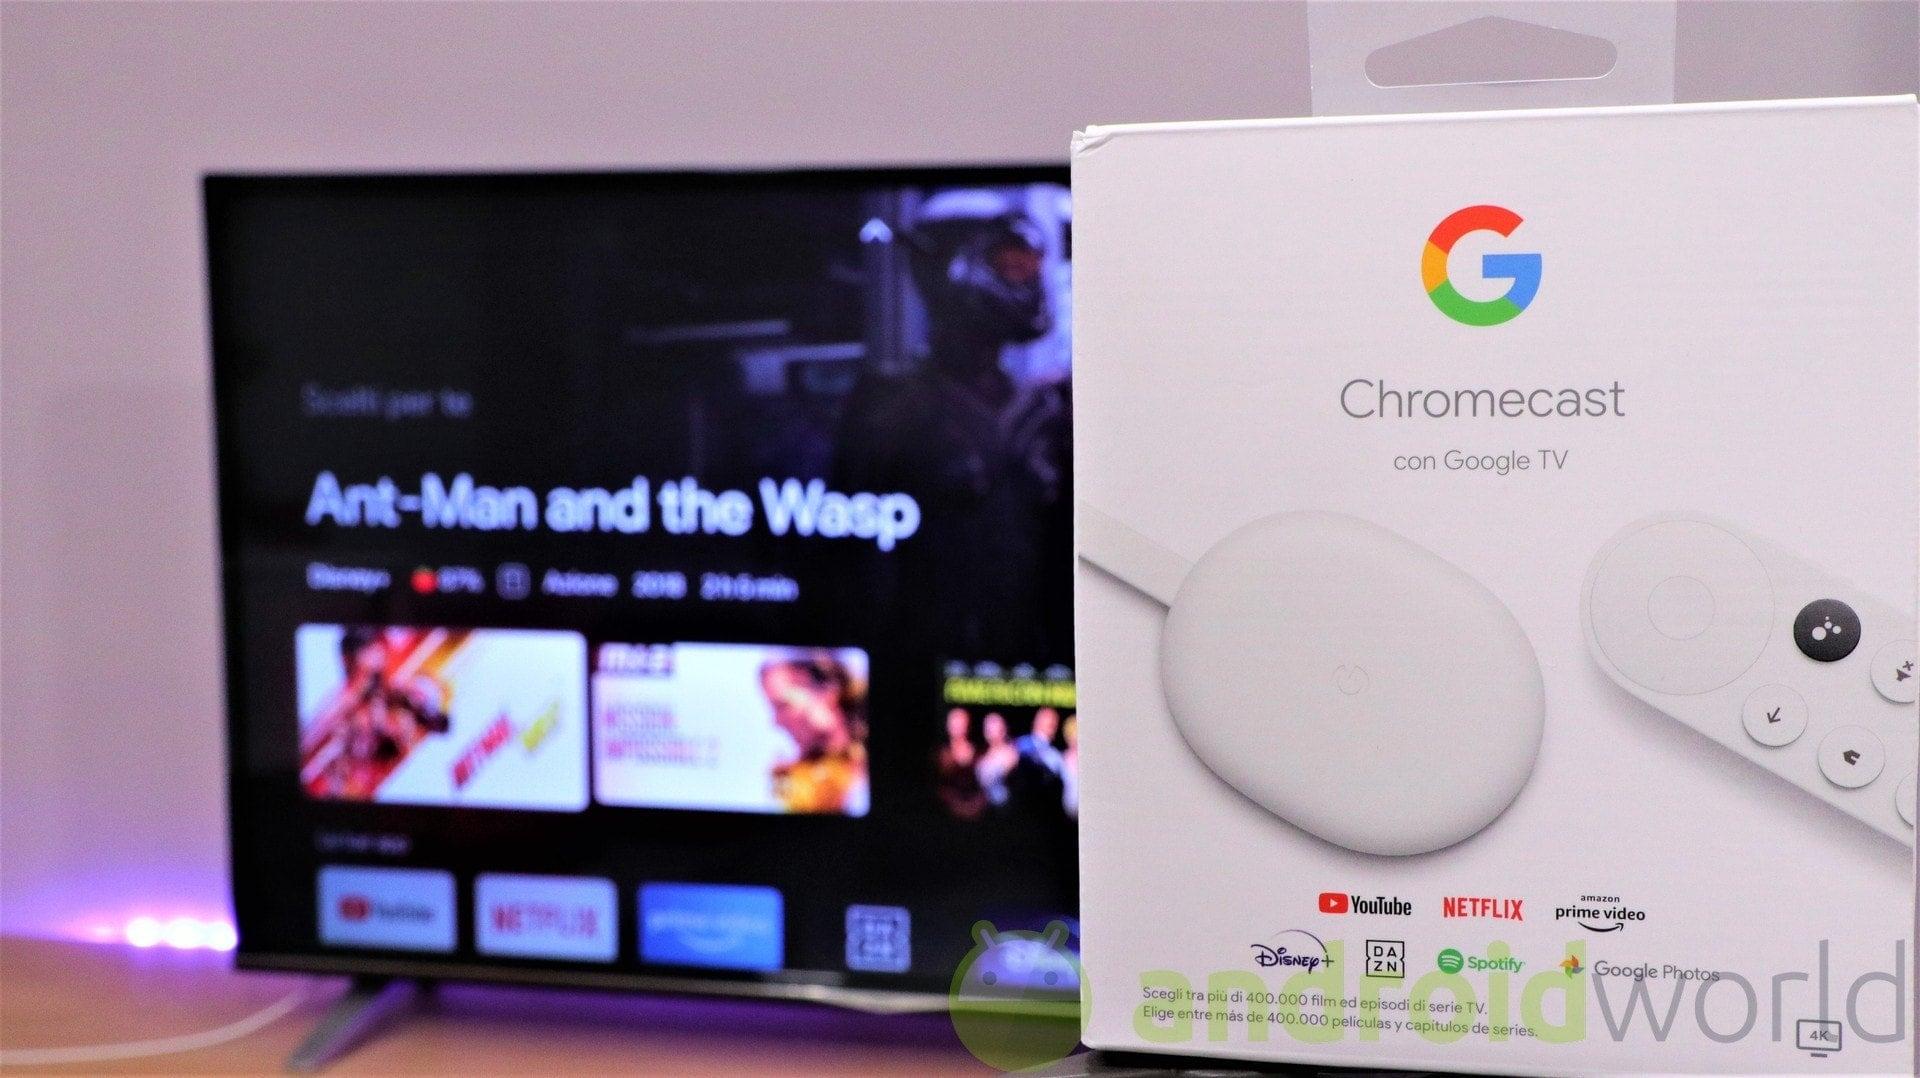 Android TV 12 Beta 3 riceve gradite novità: supporto al 4K per l'interfaccia e non solo (foto)